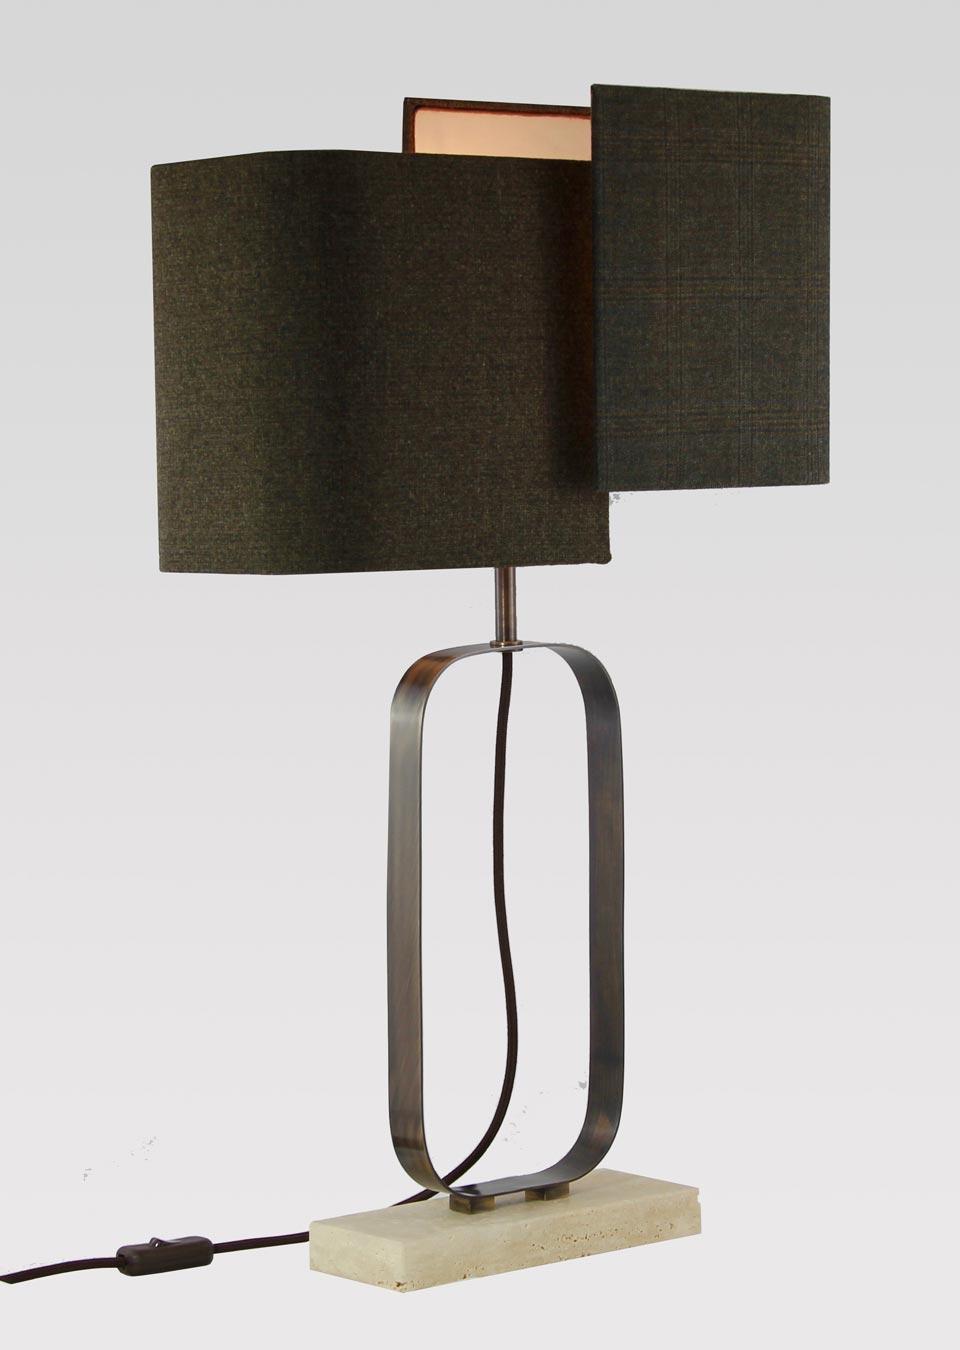 Lampe en marbre beige et laiton bruni. Matlight.